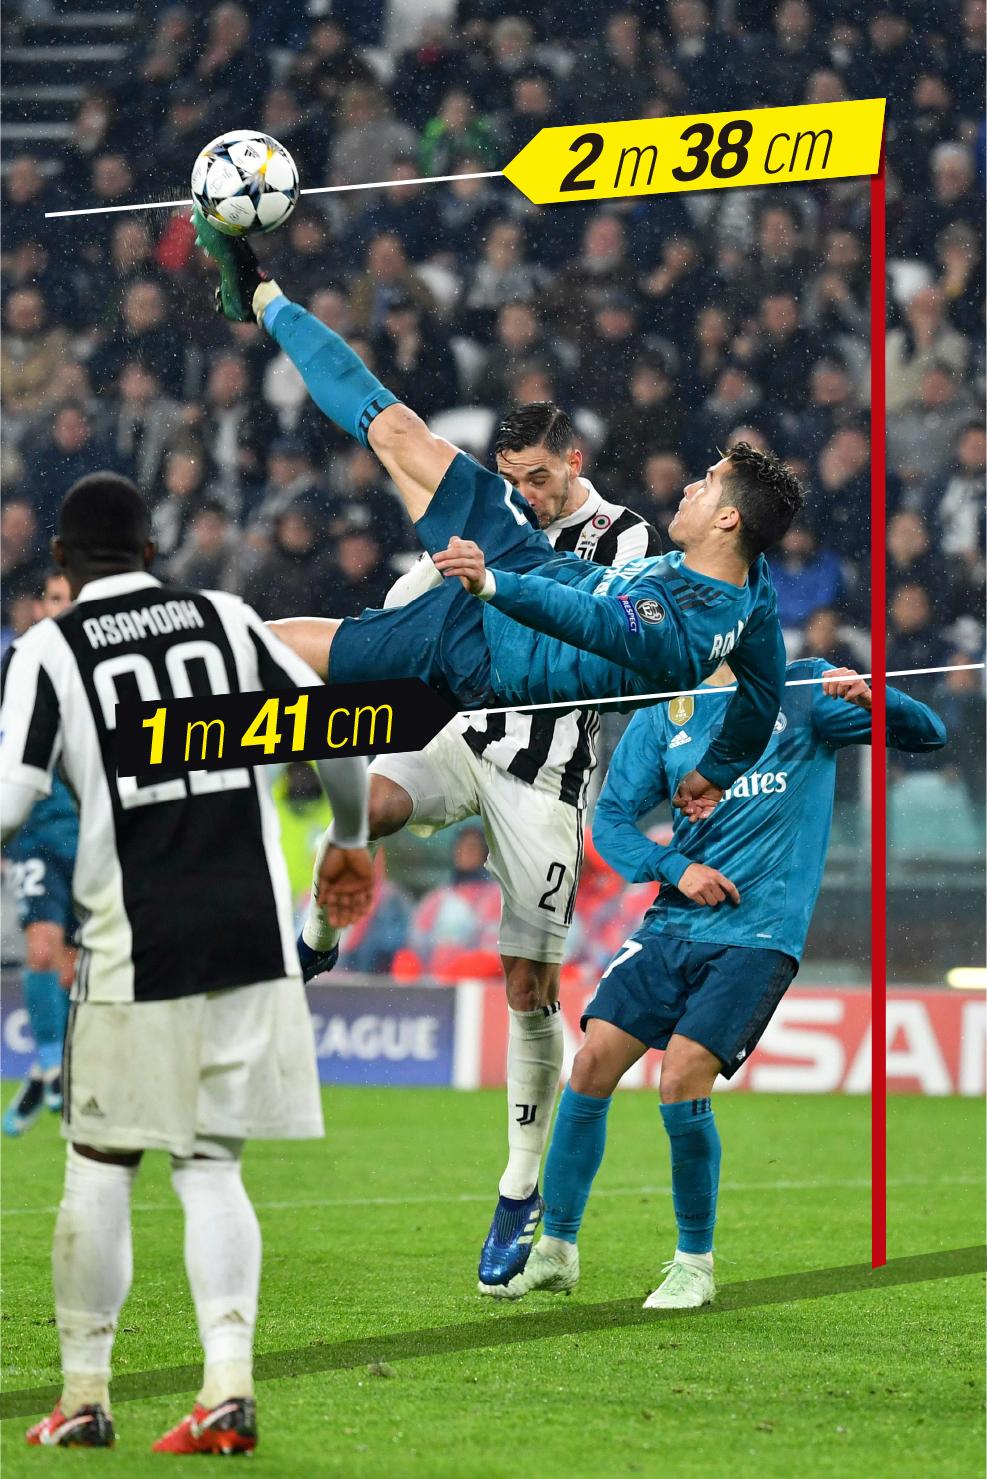 Cristiano Ronaldo Height In Cm : cristiano, ronaldo, height, Madrid:, Cristiano, Ronaldo, Overhead, Height, Crossbar, MARCA, English